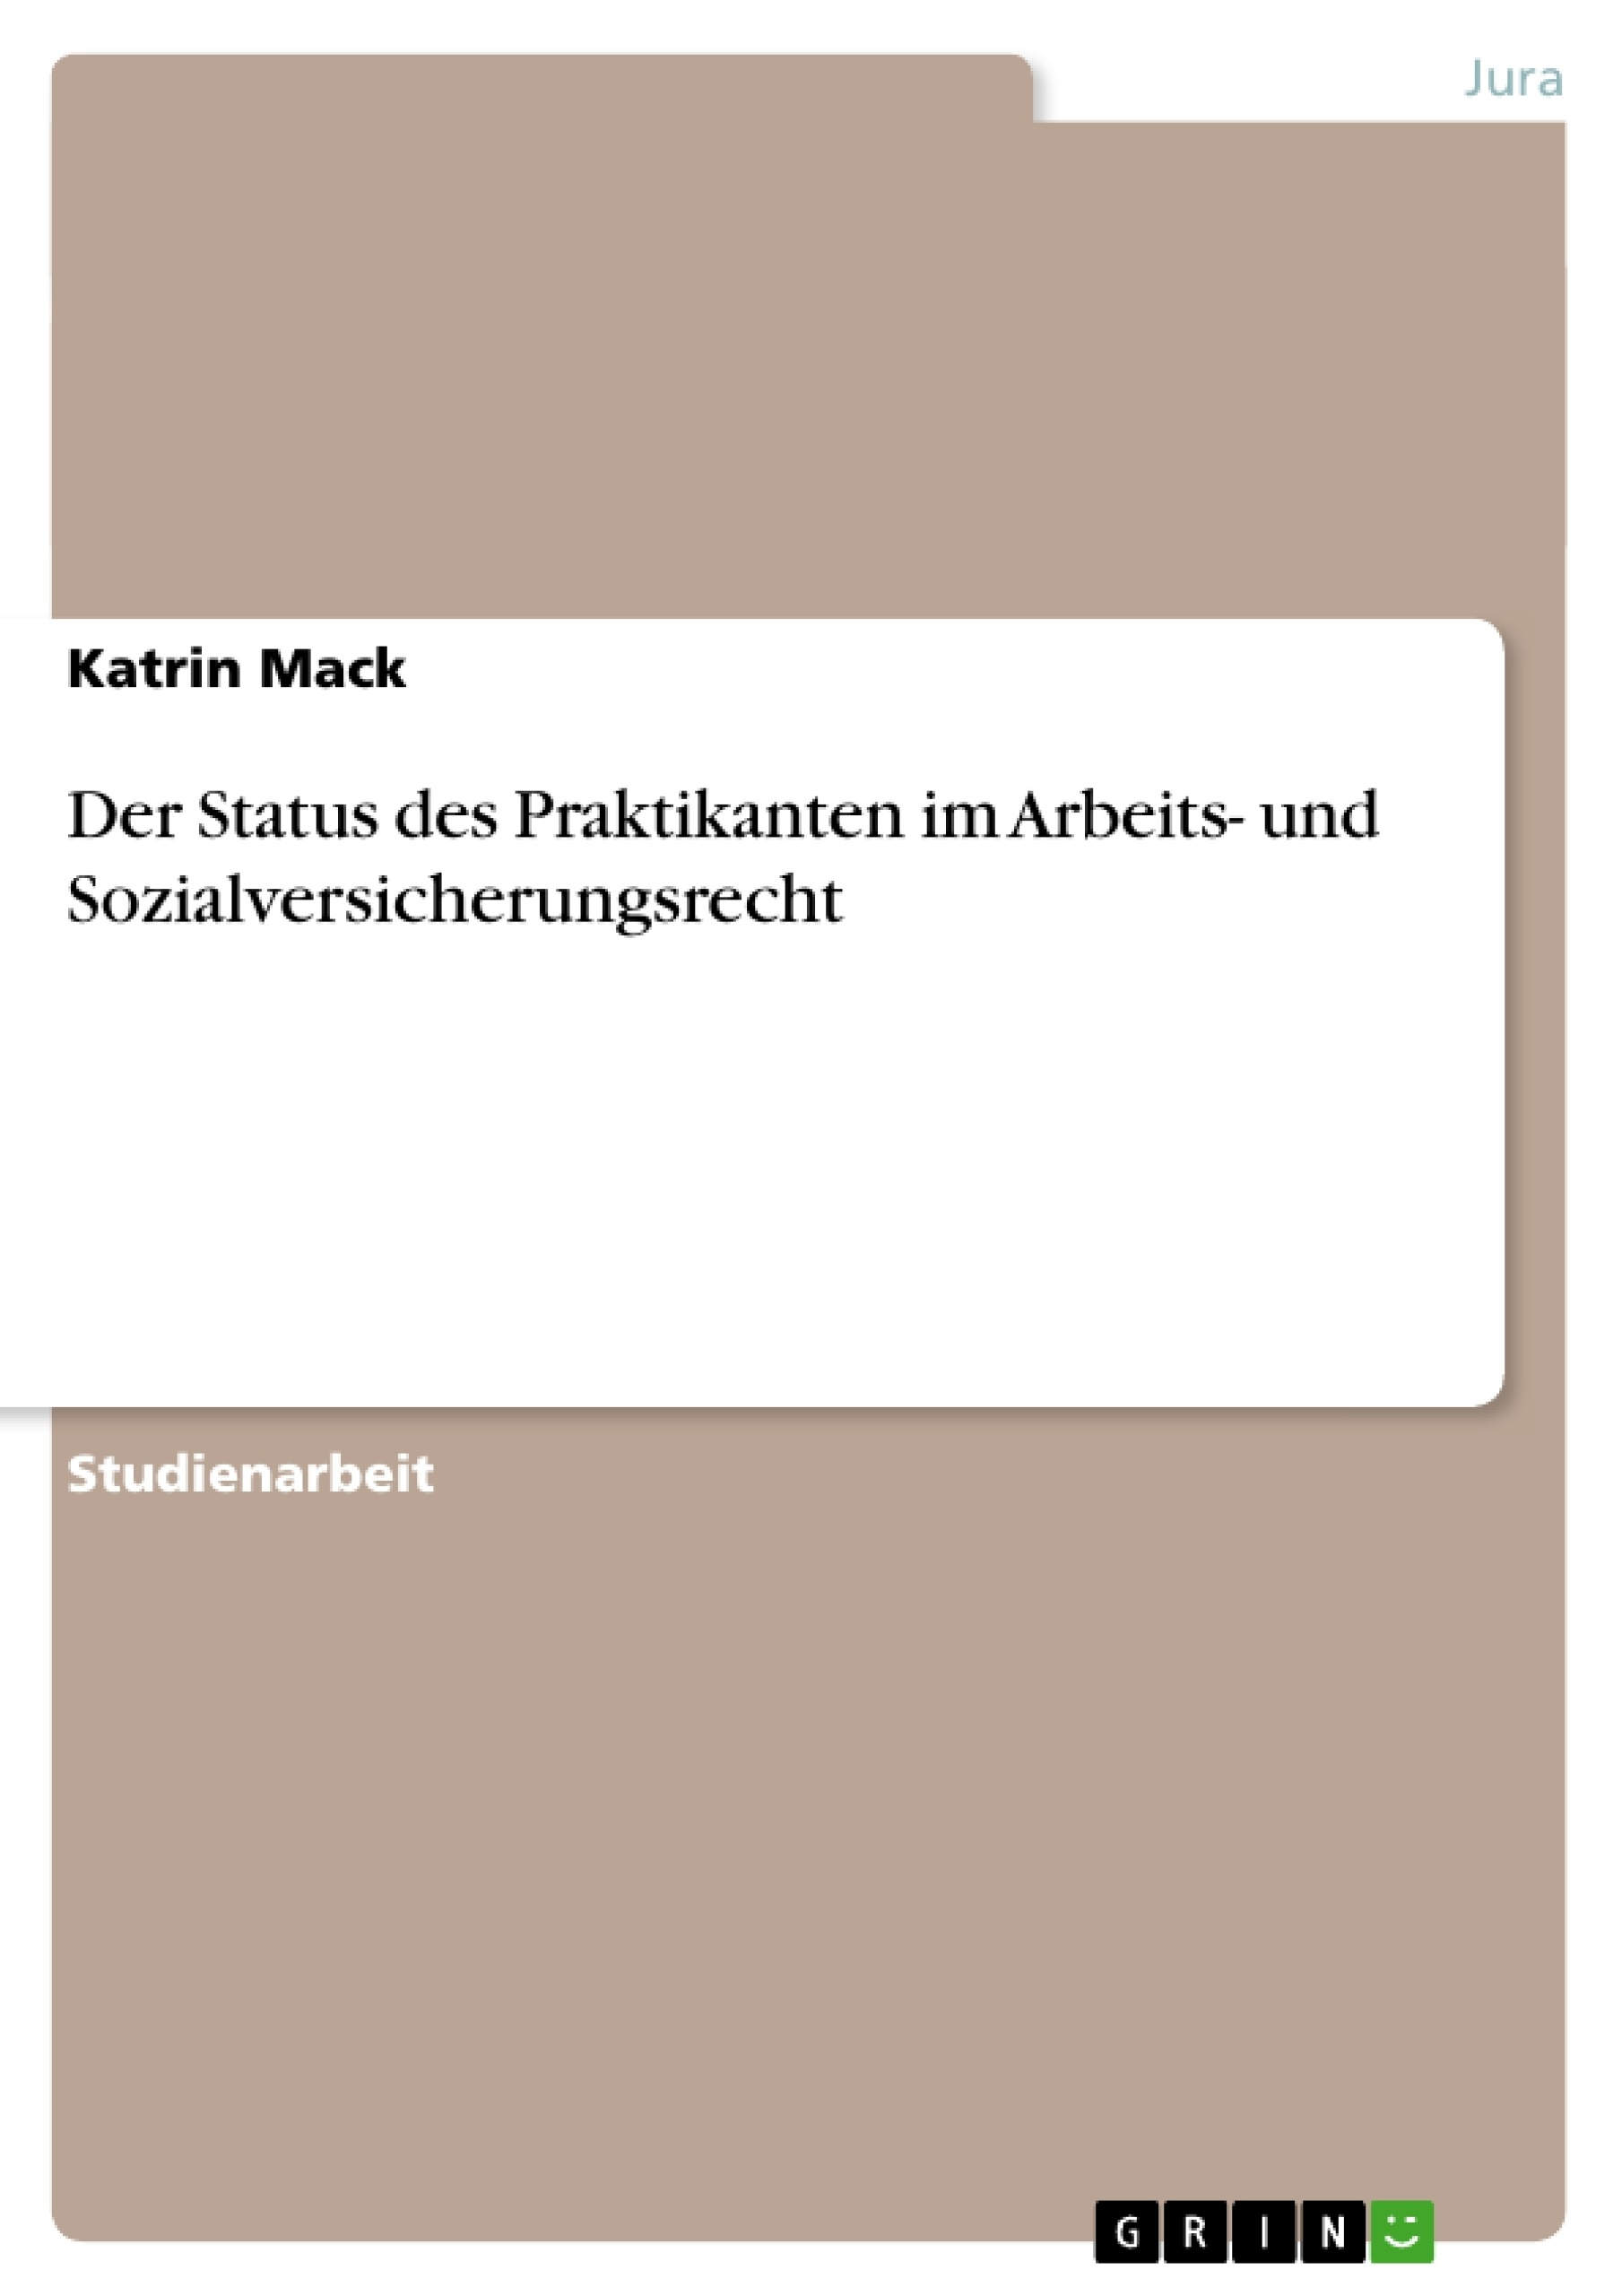 Titel: Der Status des Praktikanten im Arbeits- und Sozialversicherungsrecht